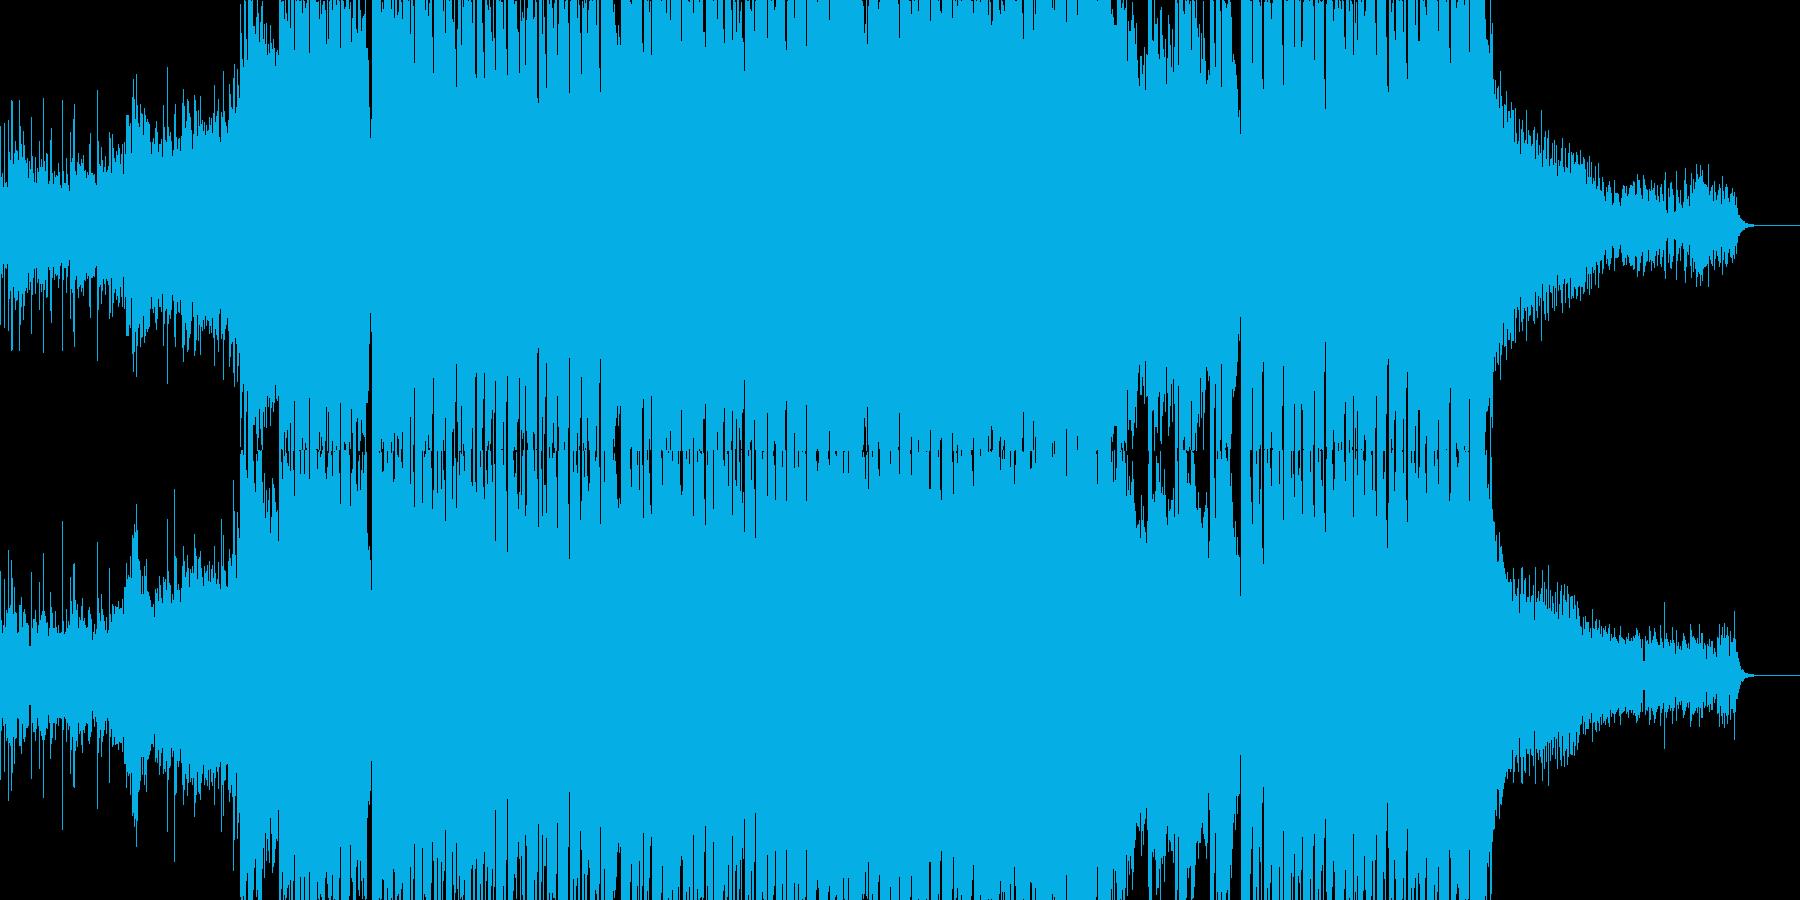 エピックメタル・オーケストラ・緊迫の再生済みの波形